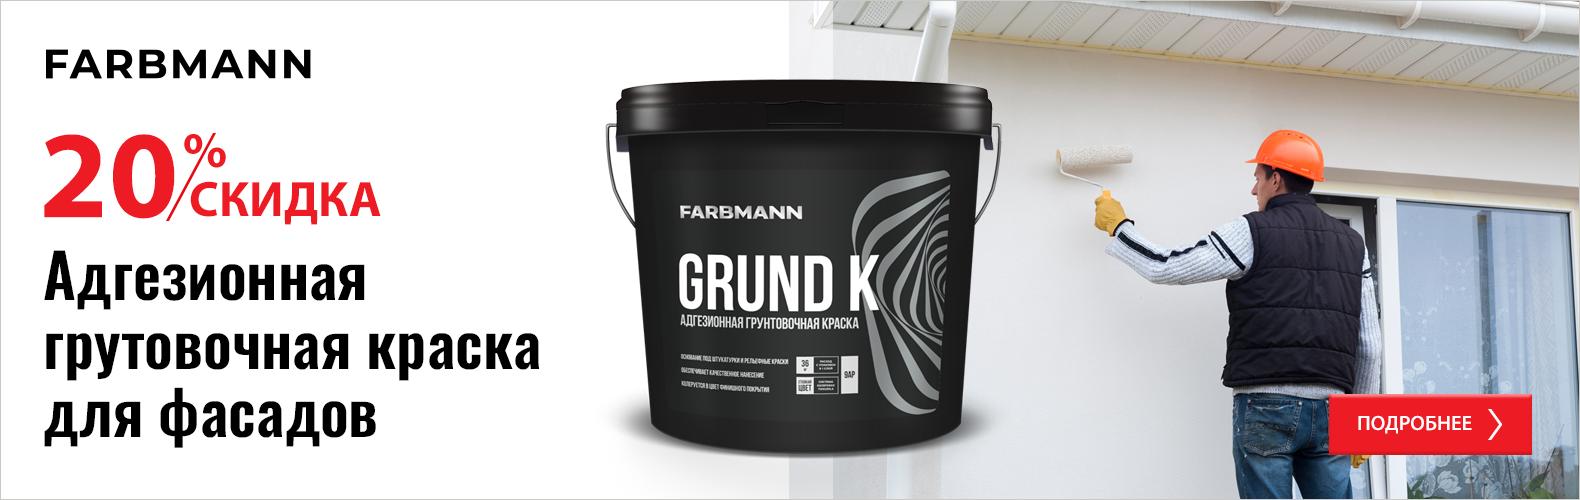 Farbmann Grund K